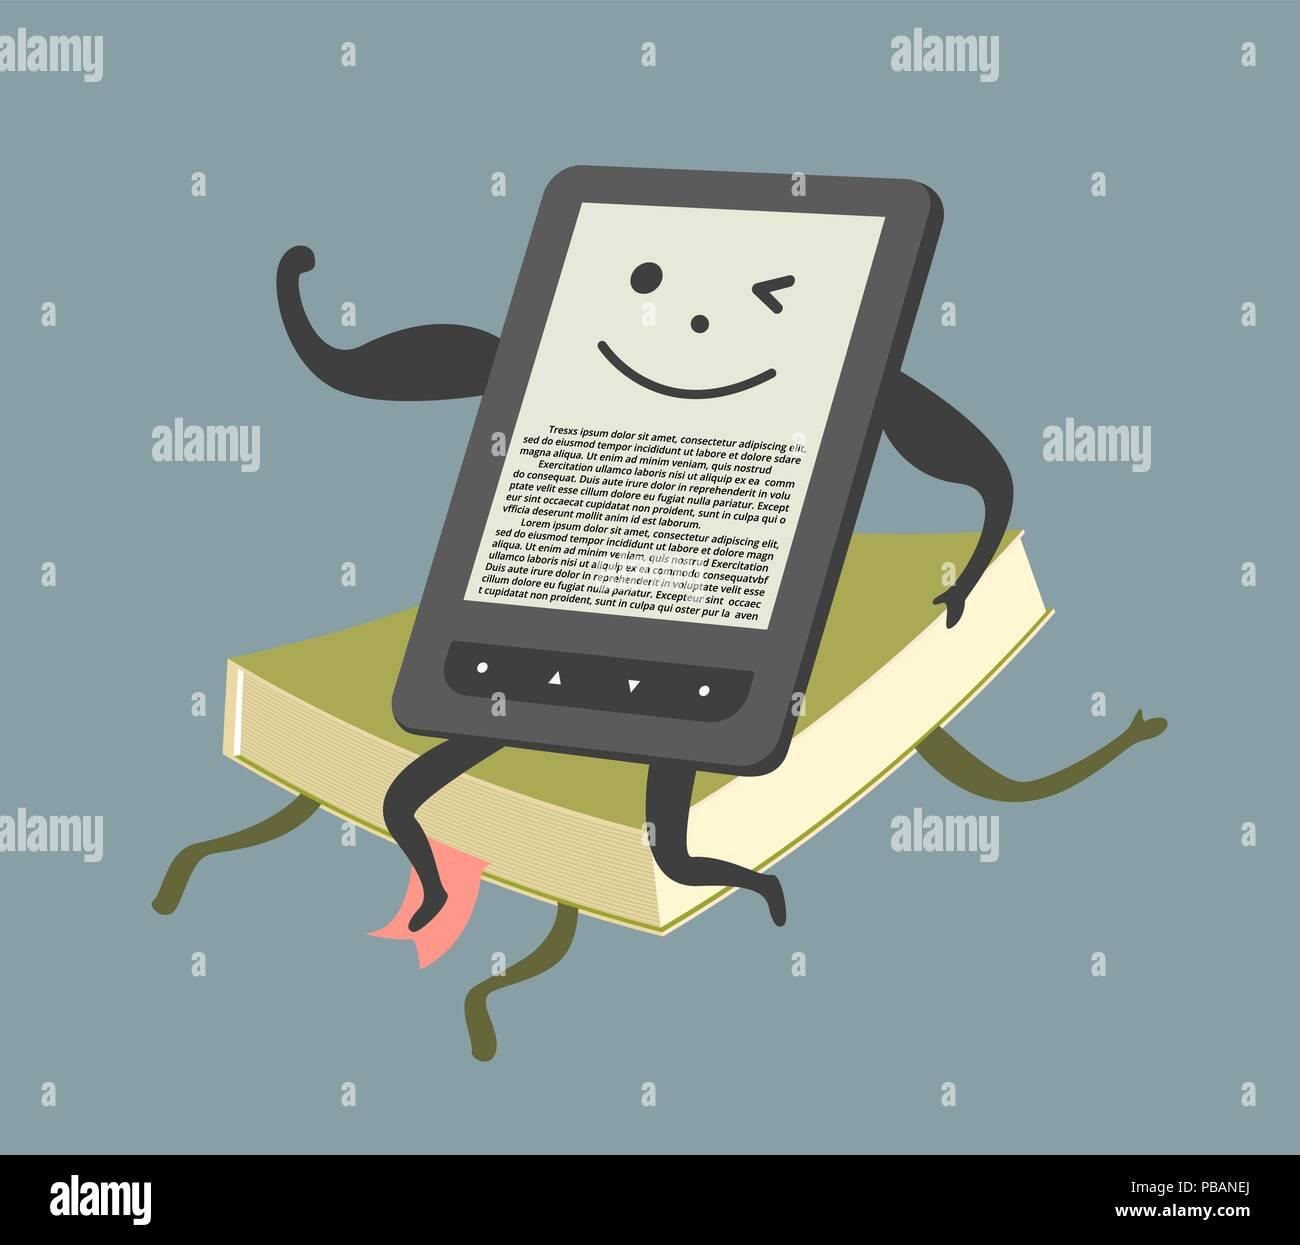 E-book overcame paper book, comic vector illustration - Stock Image